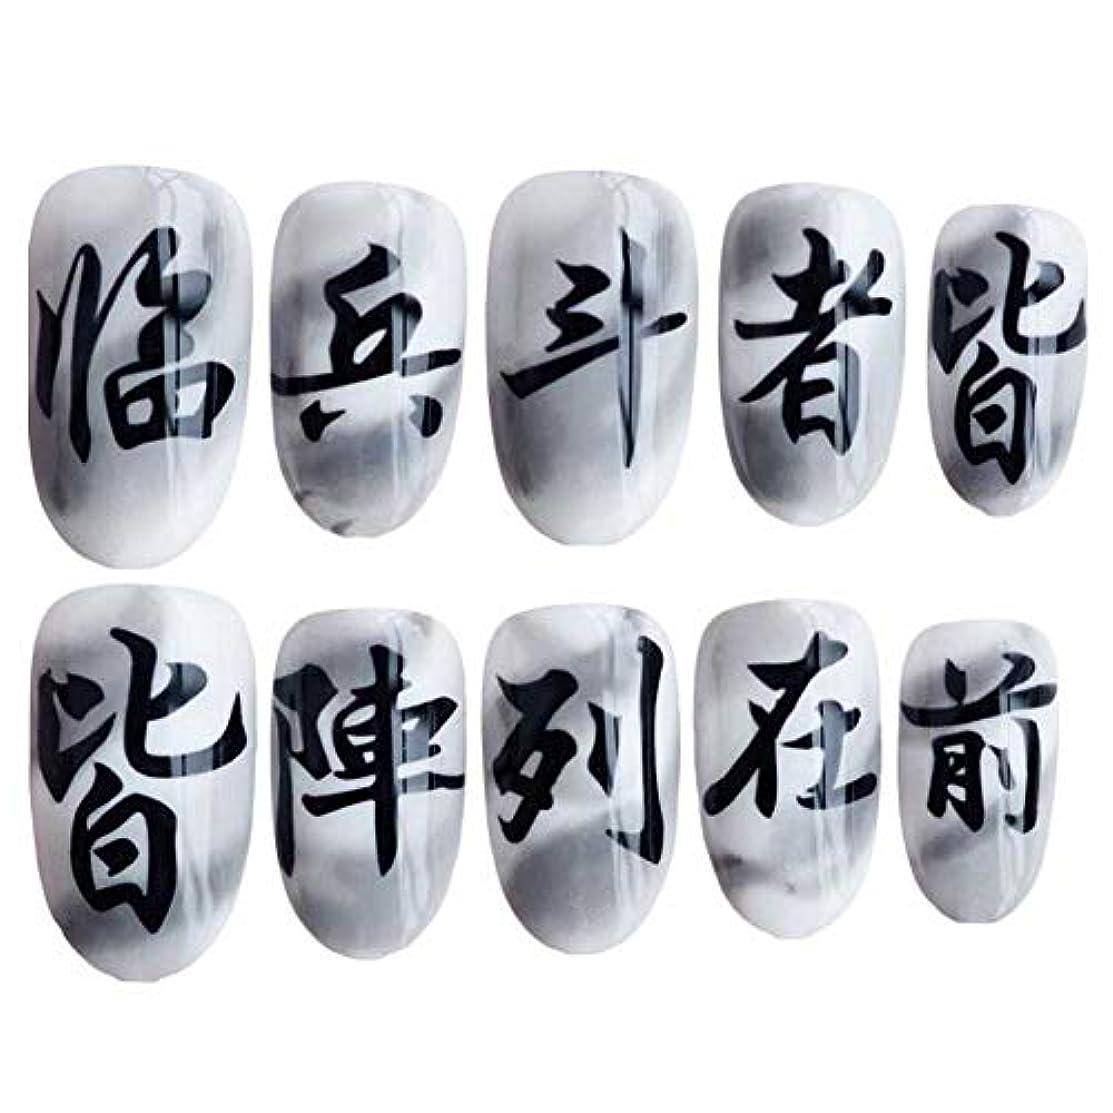 溶けたアイスクリーム療法中国語文字灰色/白い偽爪爪人工爪装飾爪のヒント